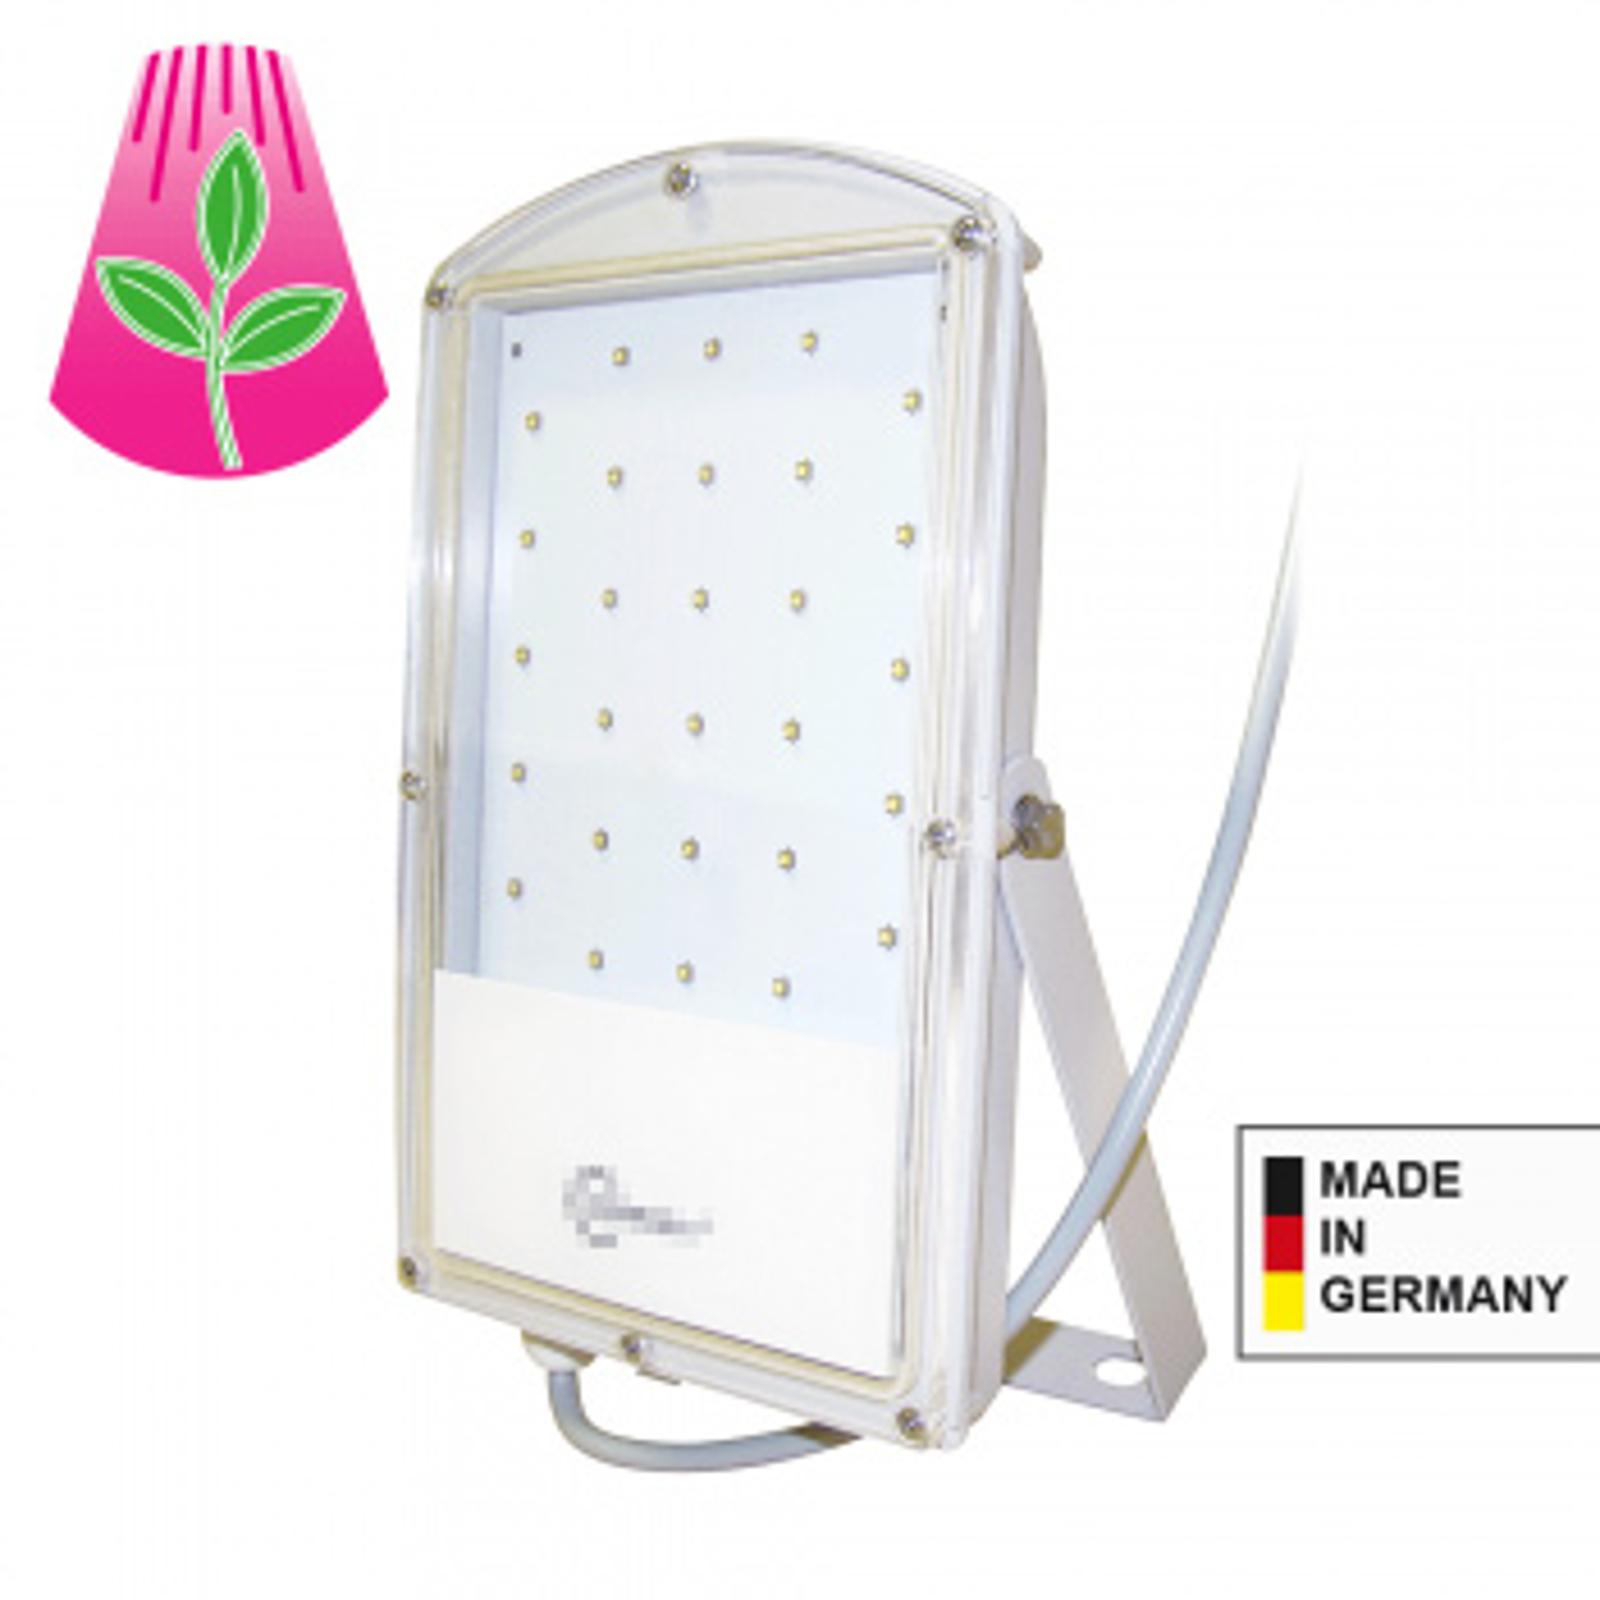 LED-växtbelysning Astir